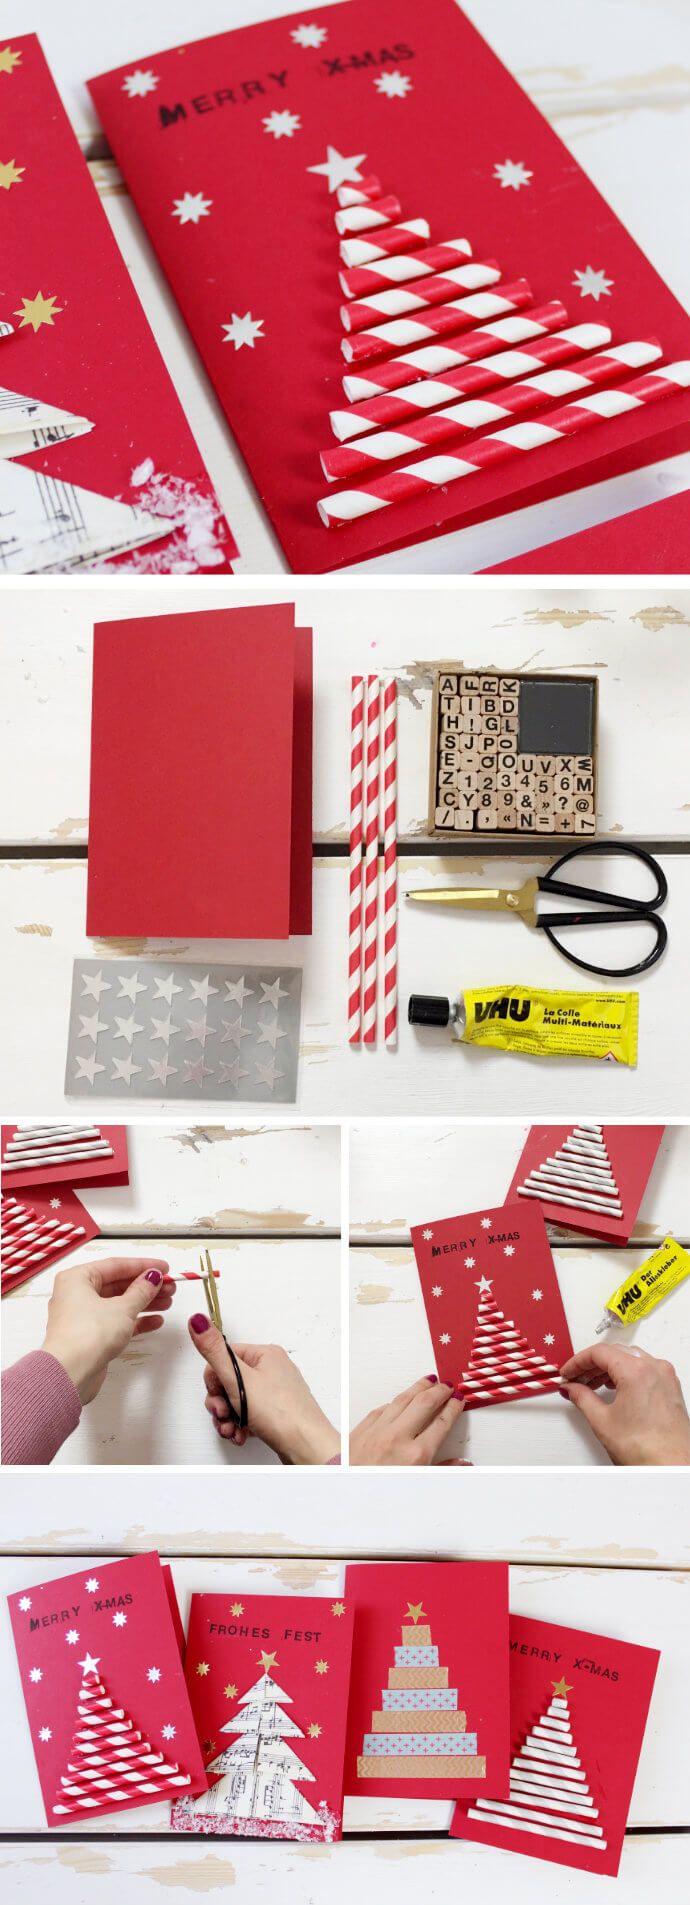 die besten 25 ideen zu weihnachtskarten selber machen auf pinterest karten machen karten. Black Bedroom Furniture Sets. Home Design Ideas